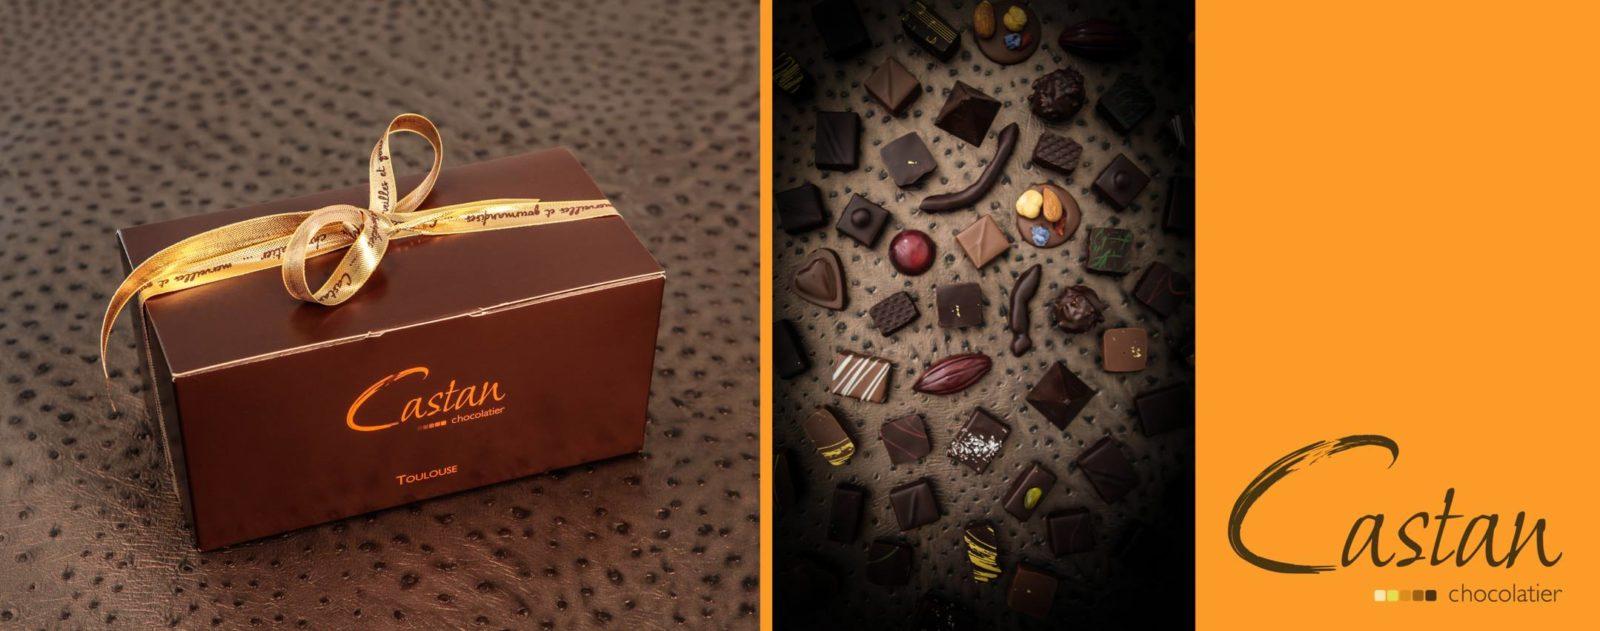 Découvrez la chocolaterie Castan, au coeur de la ville rose